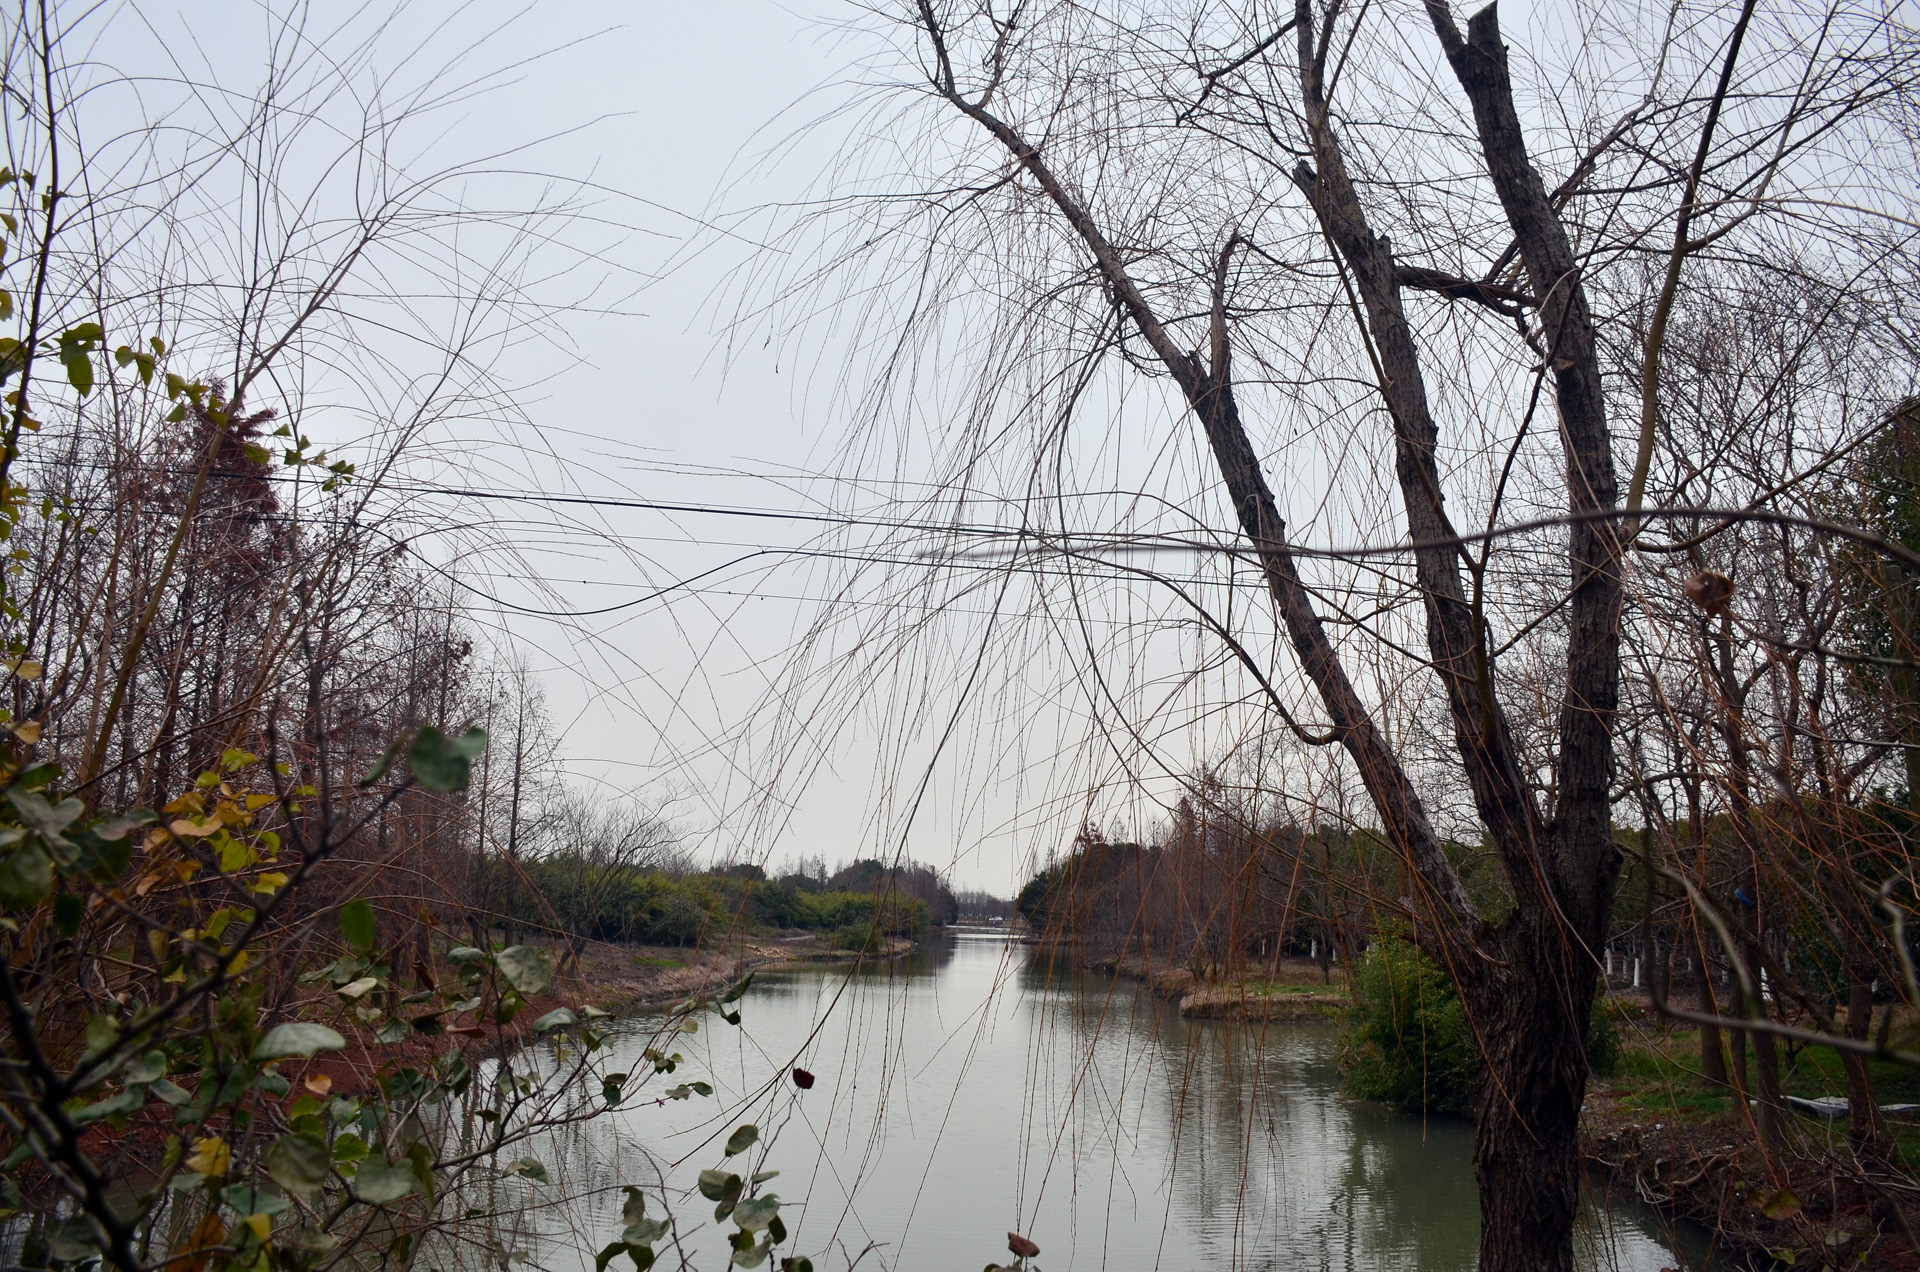 2019冬日太仓现代农业园内風蘭桥探寻